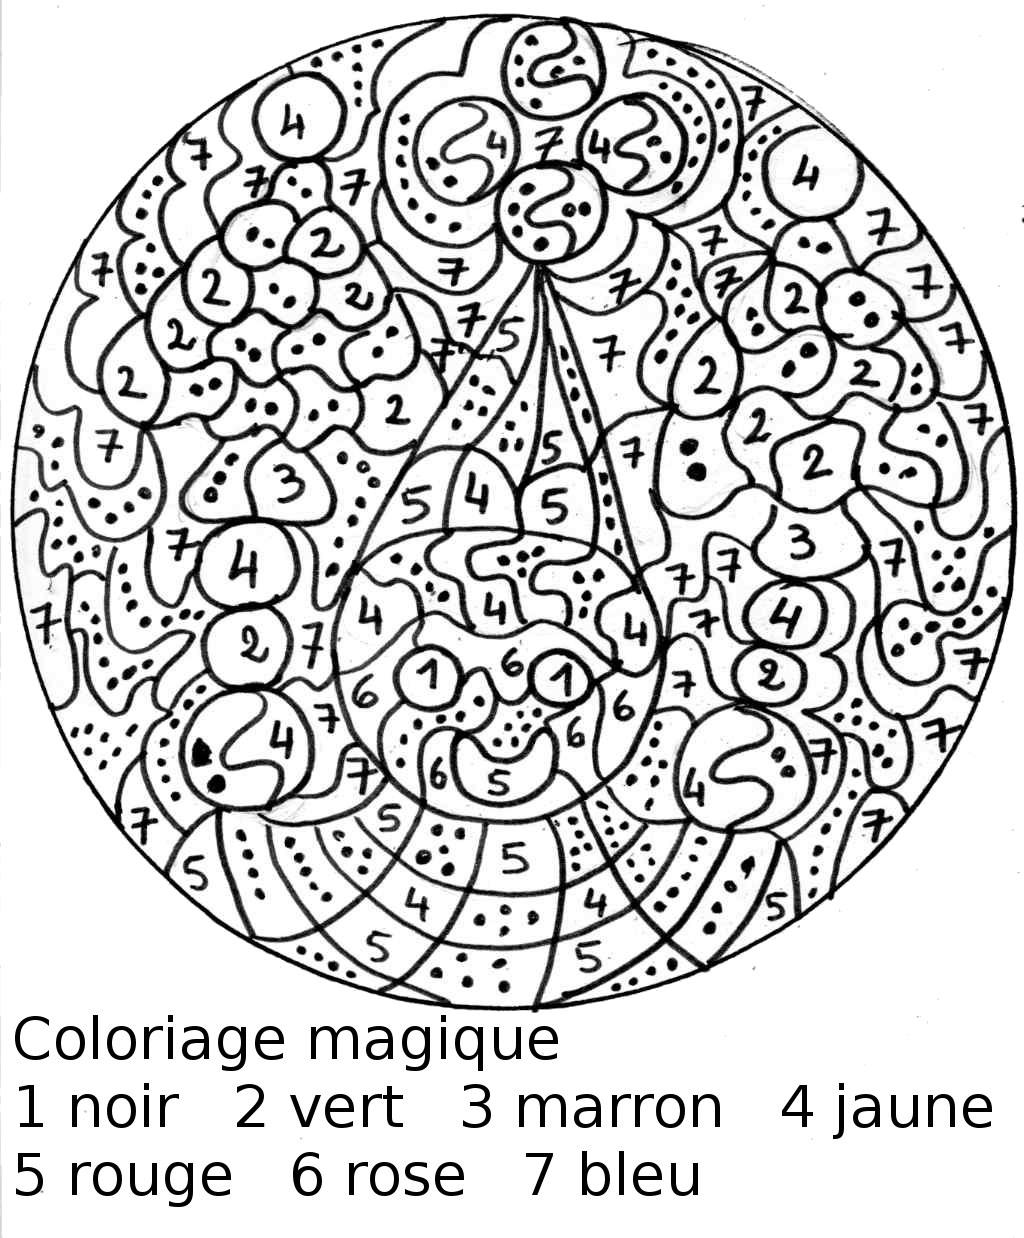 23 Dessins De Coloriage Magique Maternelle À Imprimer avec Coloriage Codé Gs